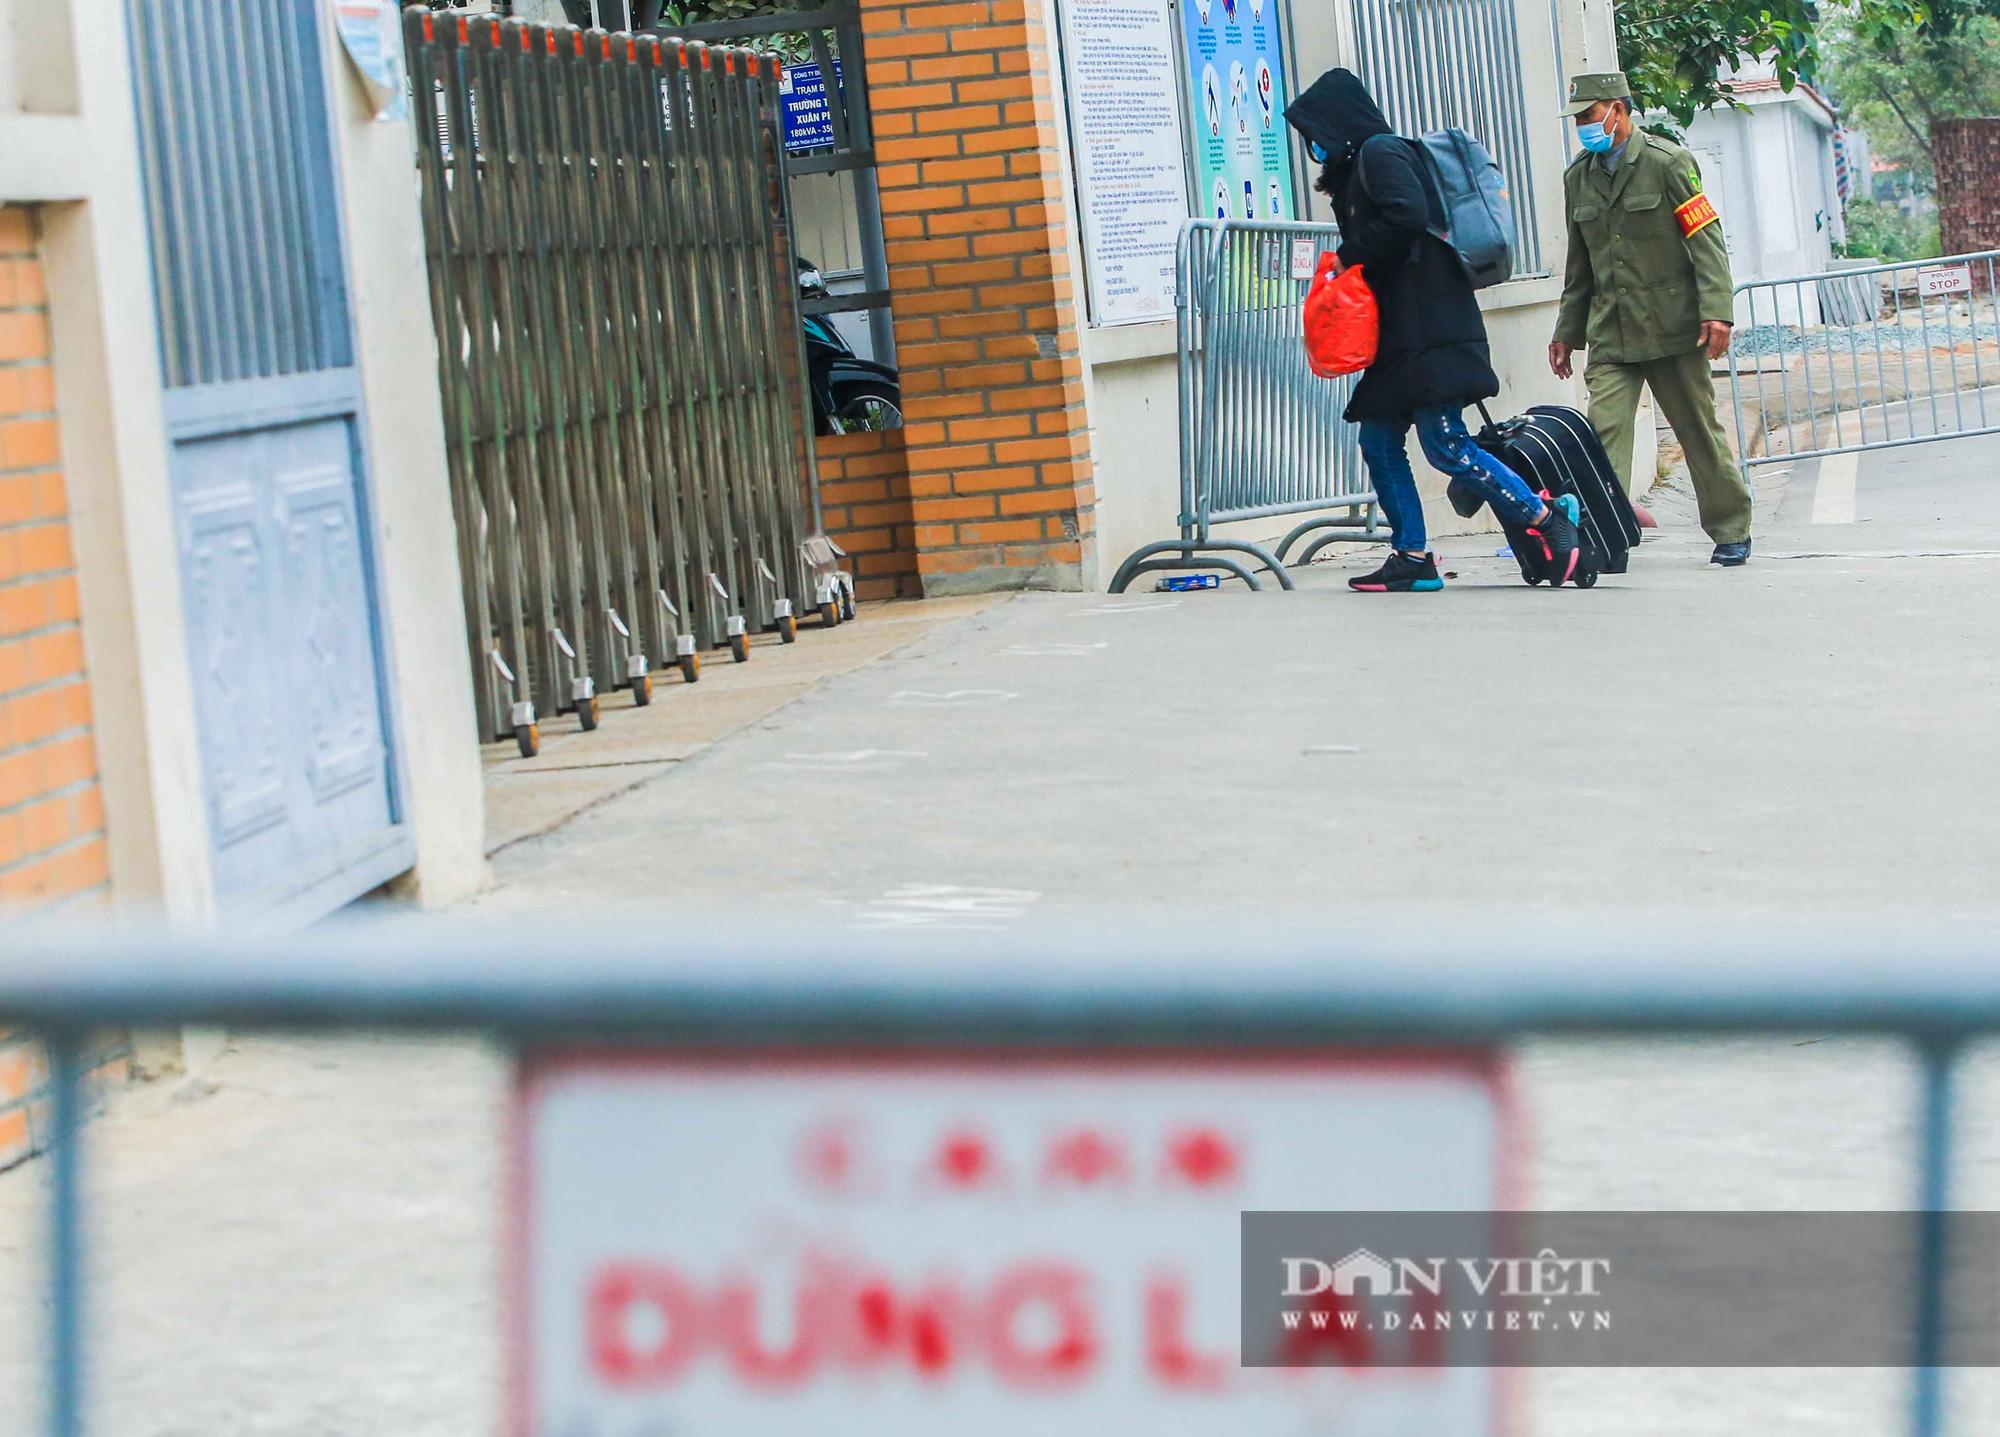 Mang mỳ tôm, bim bim cho các em học sinh bị cách ly tại trường tiểu học Xuân Phương - Ảnh 5.